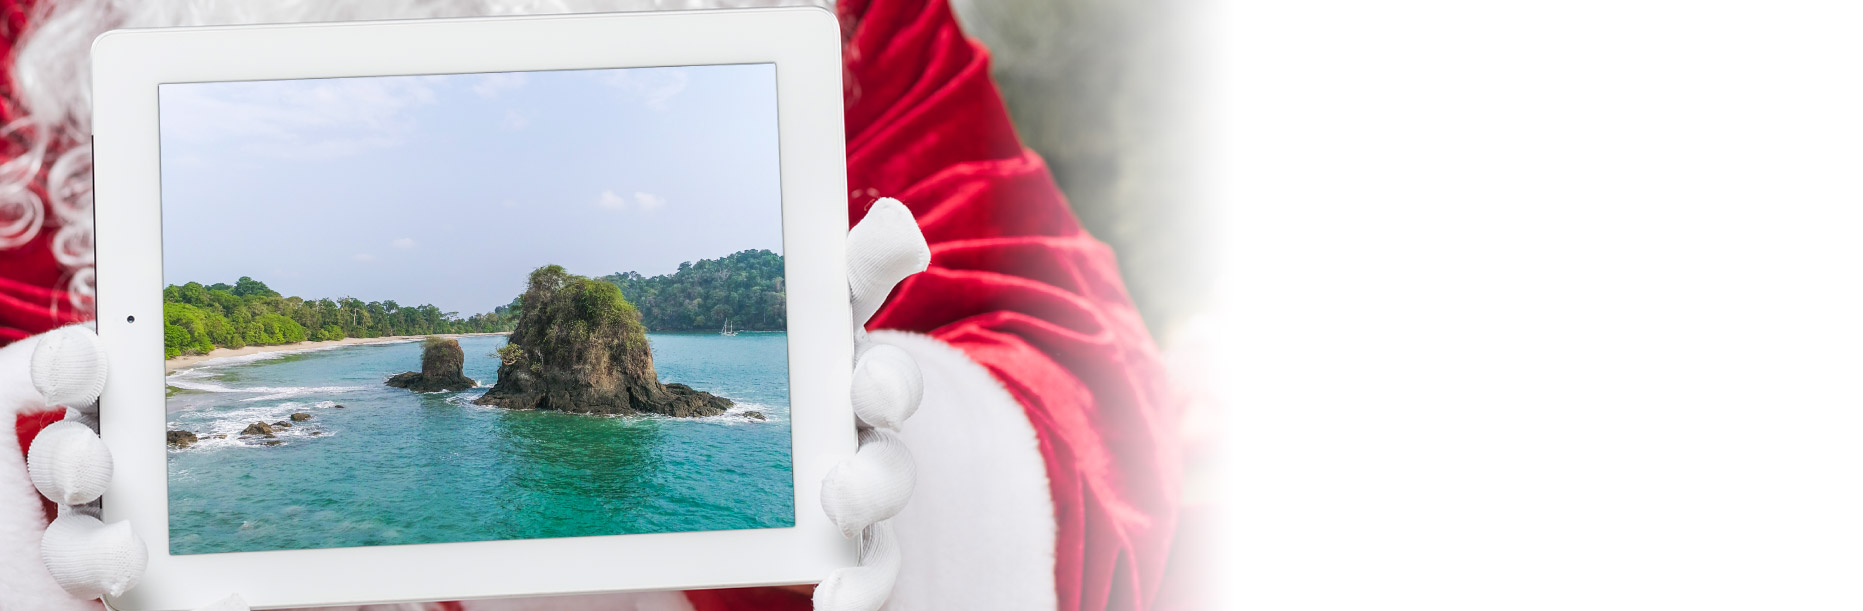 Slider Navidad - Visit Centroamérica